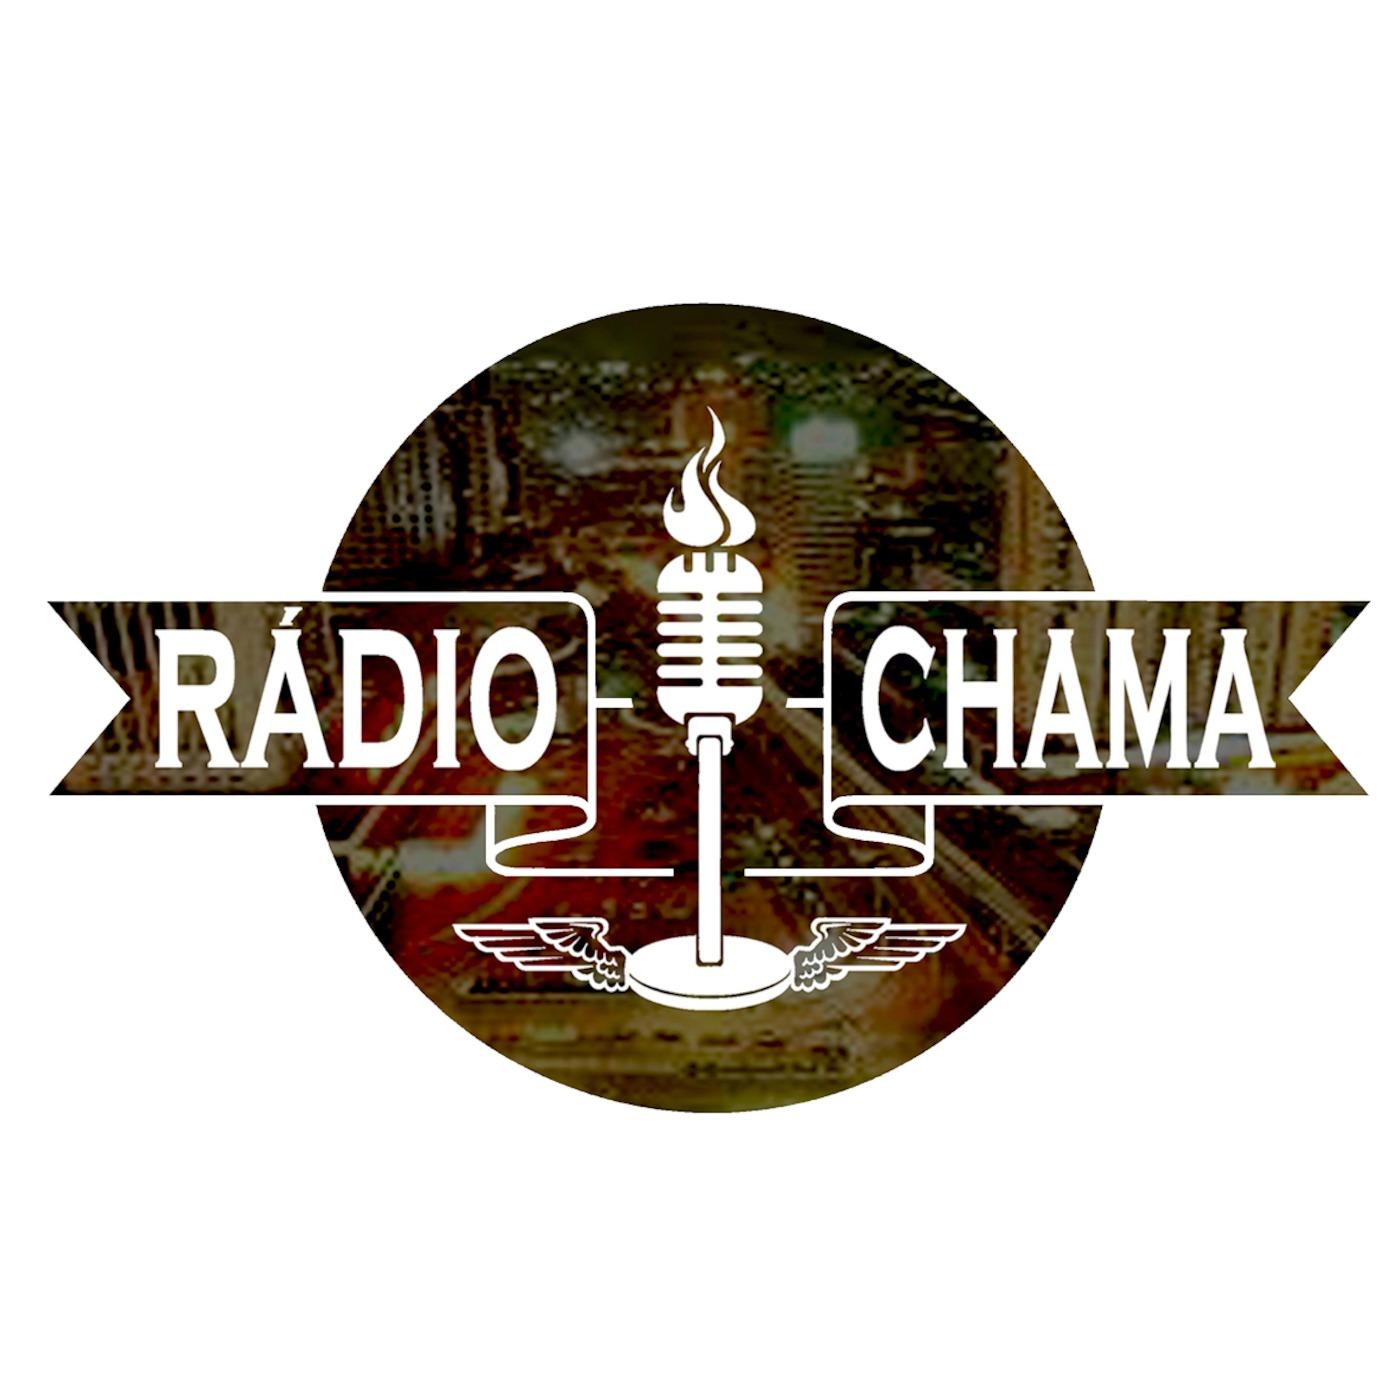 Rádio Chama